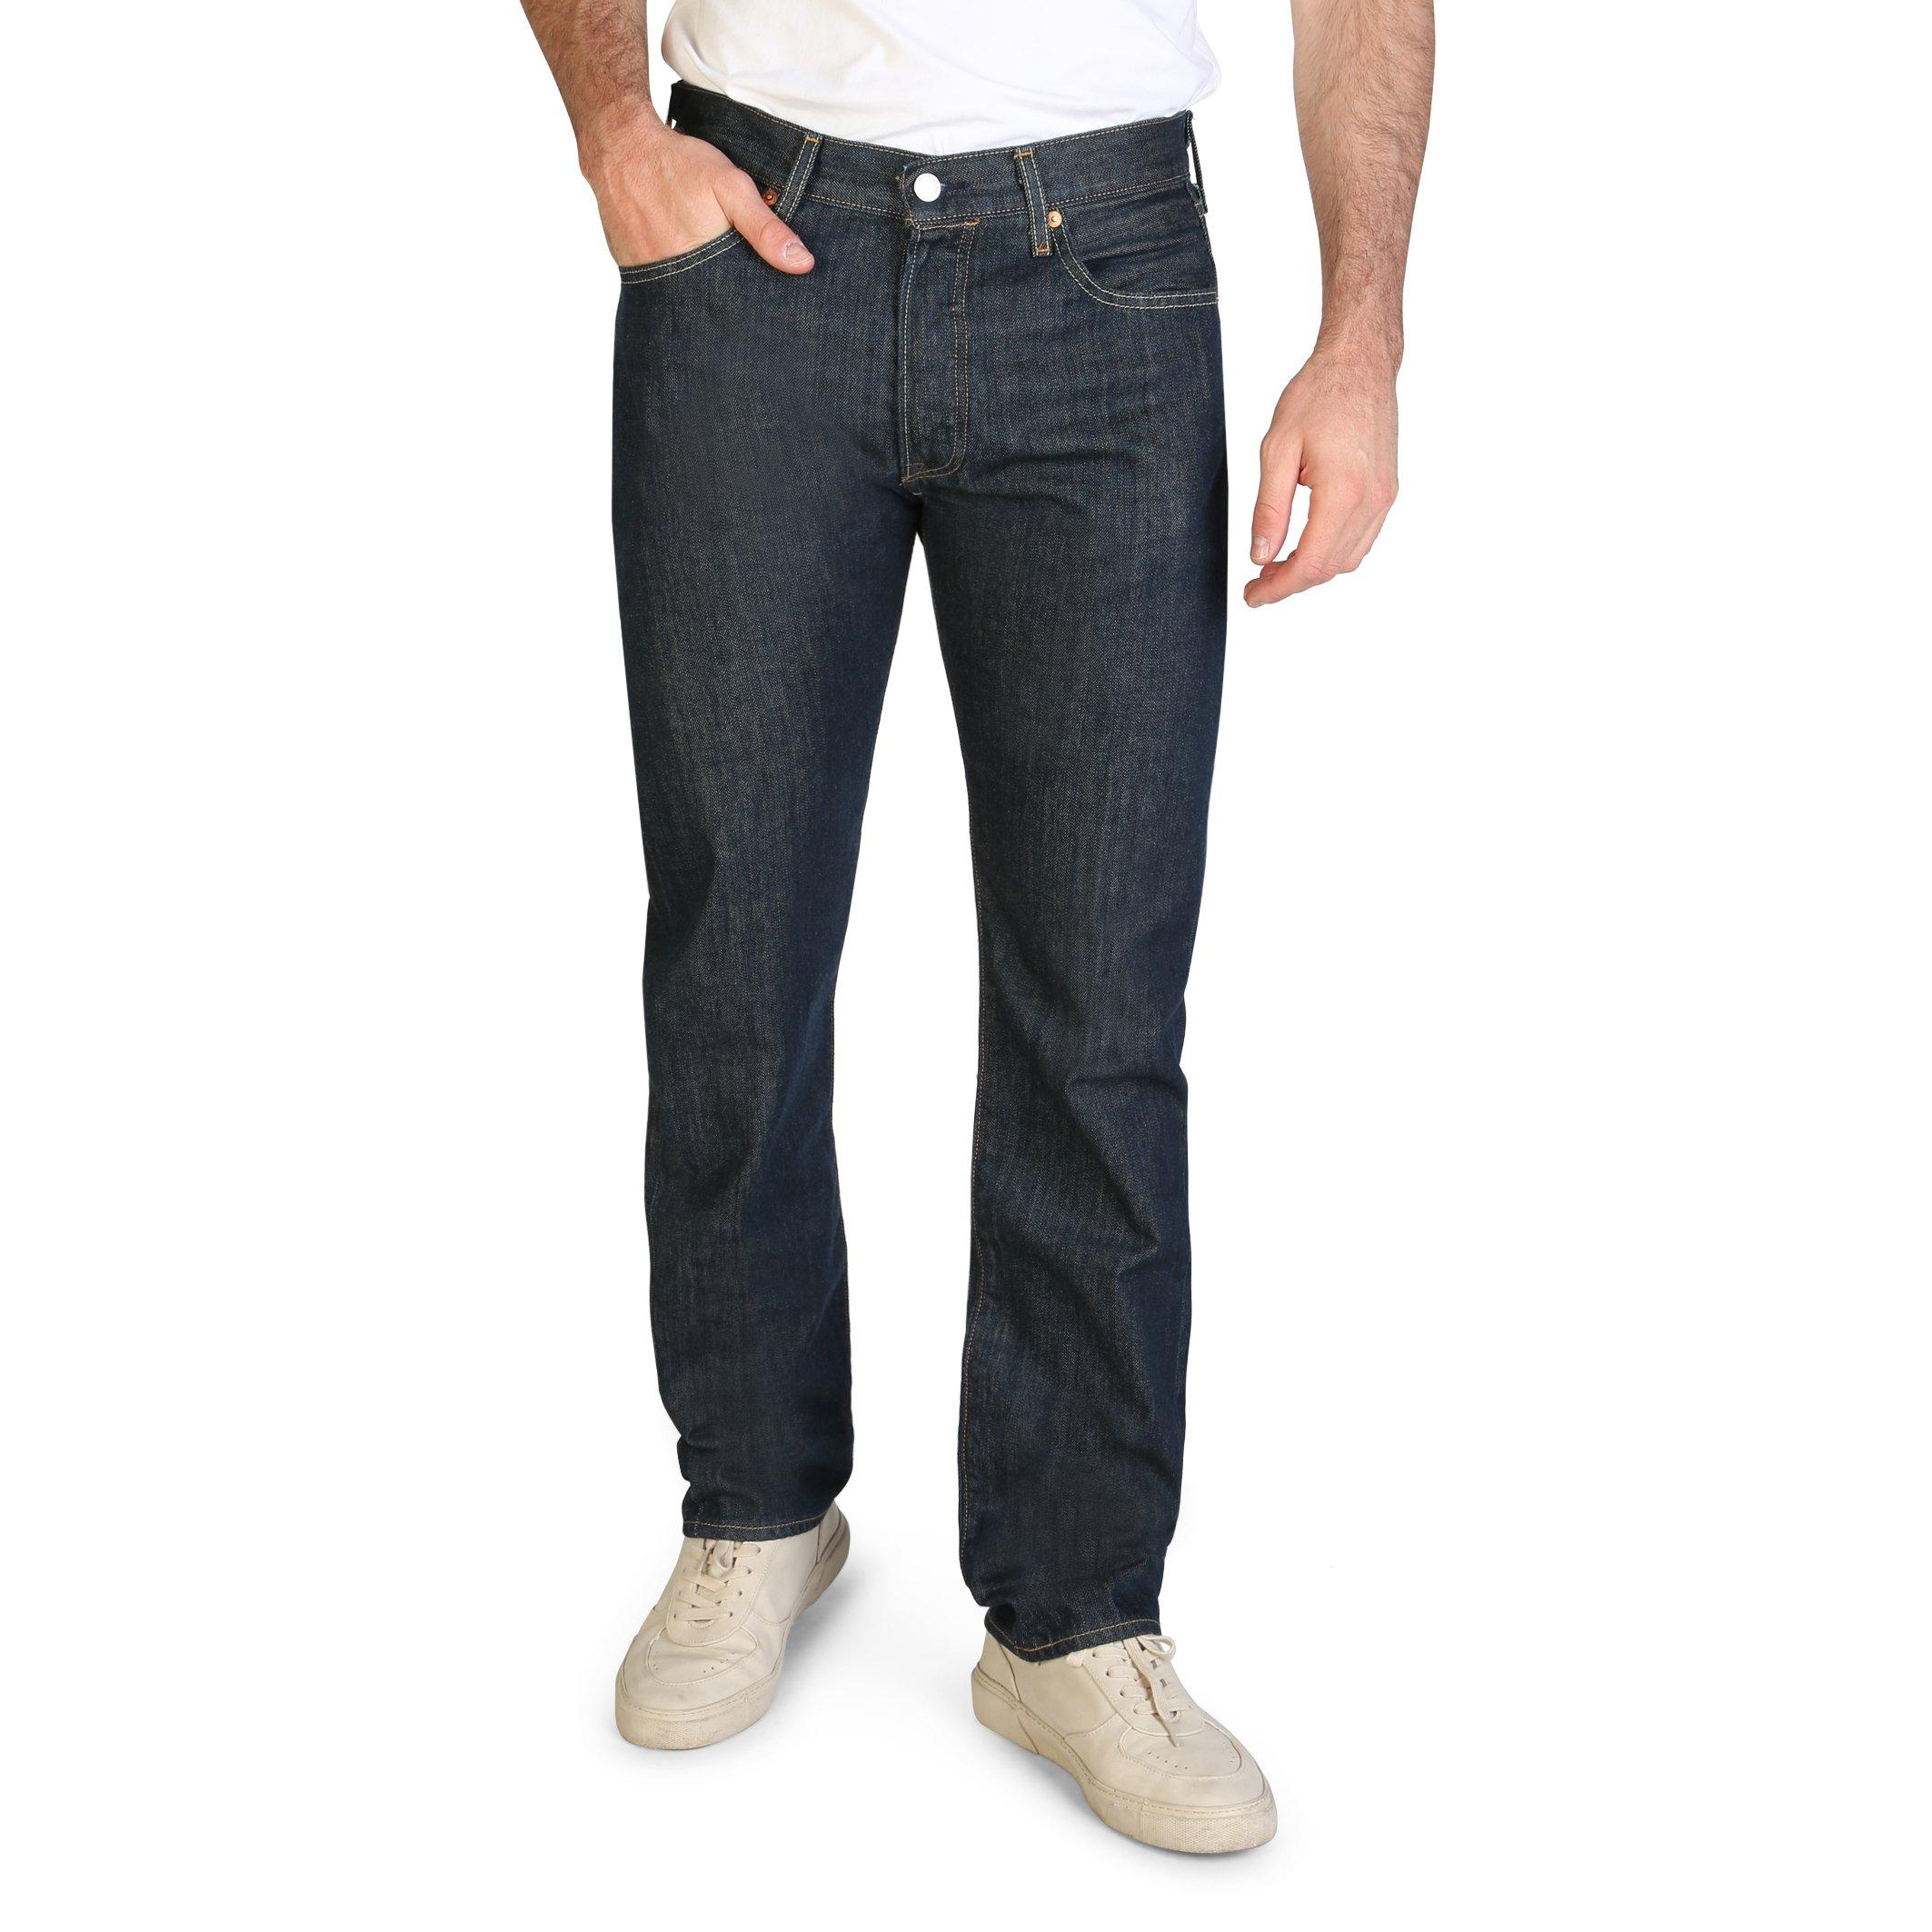 Levis Men's Jeans Blue 501 - blue-1 31